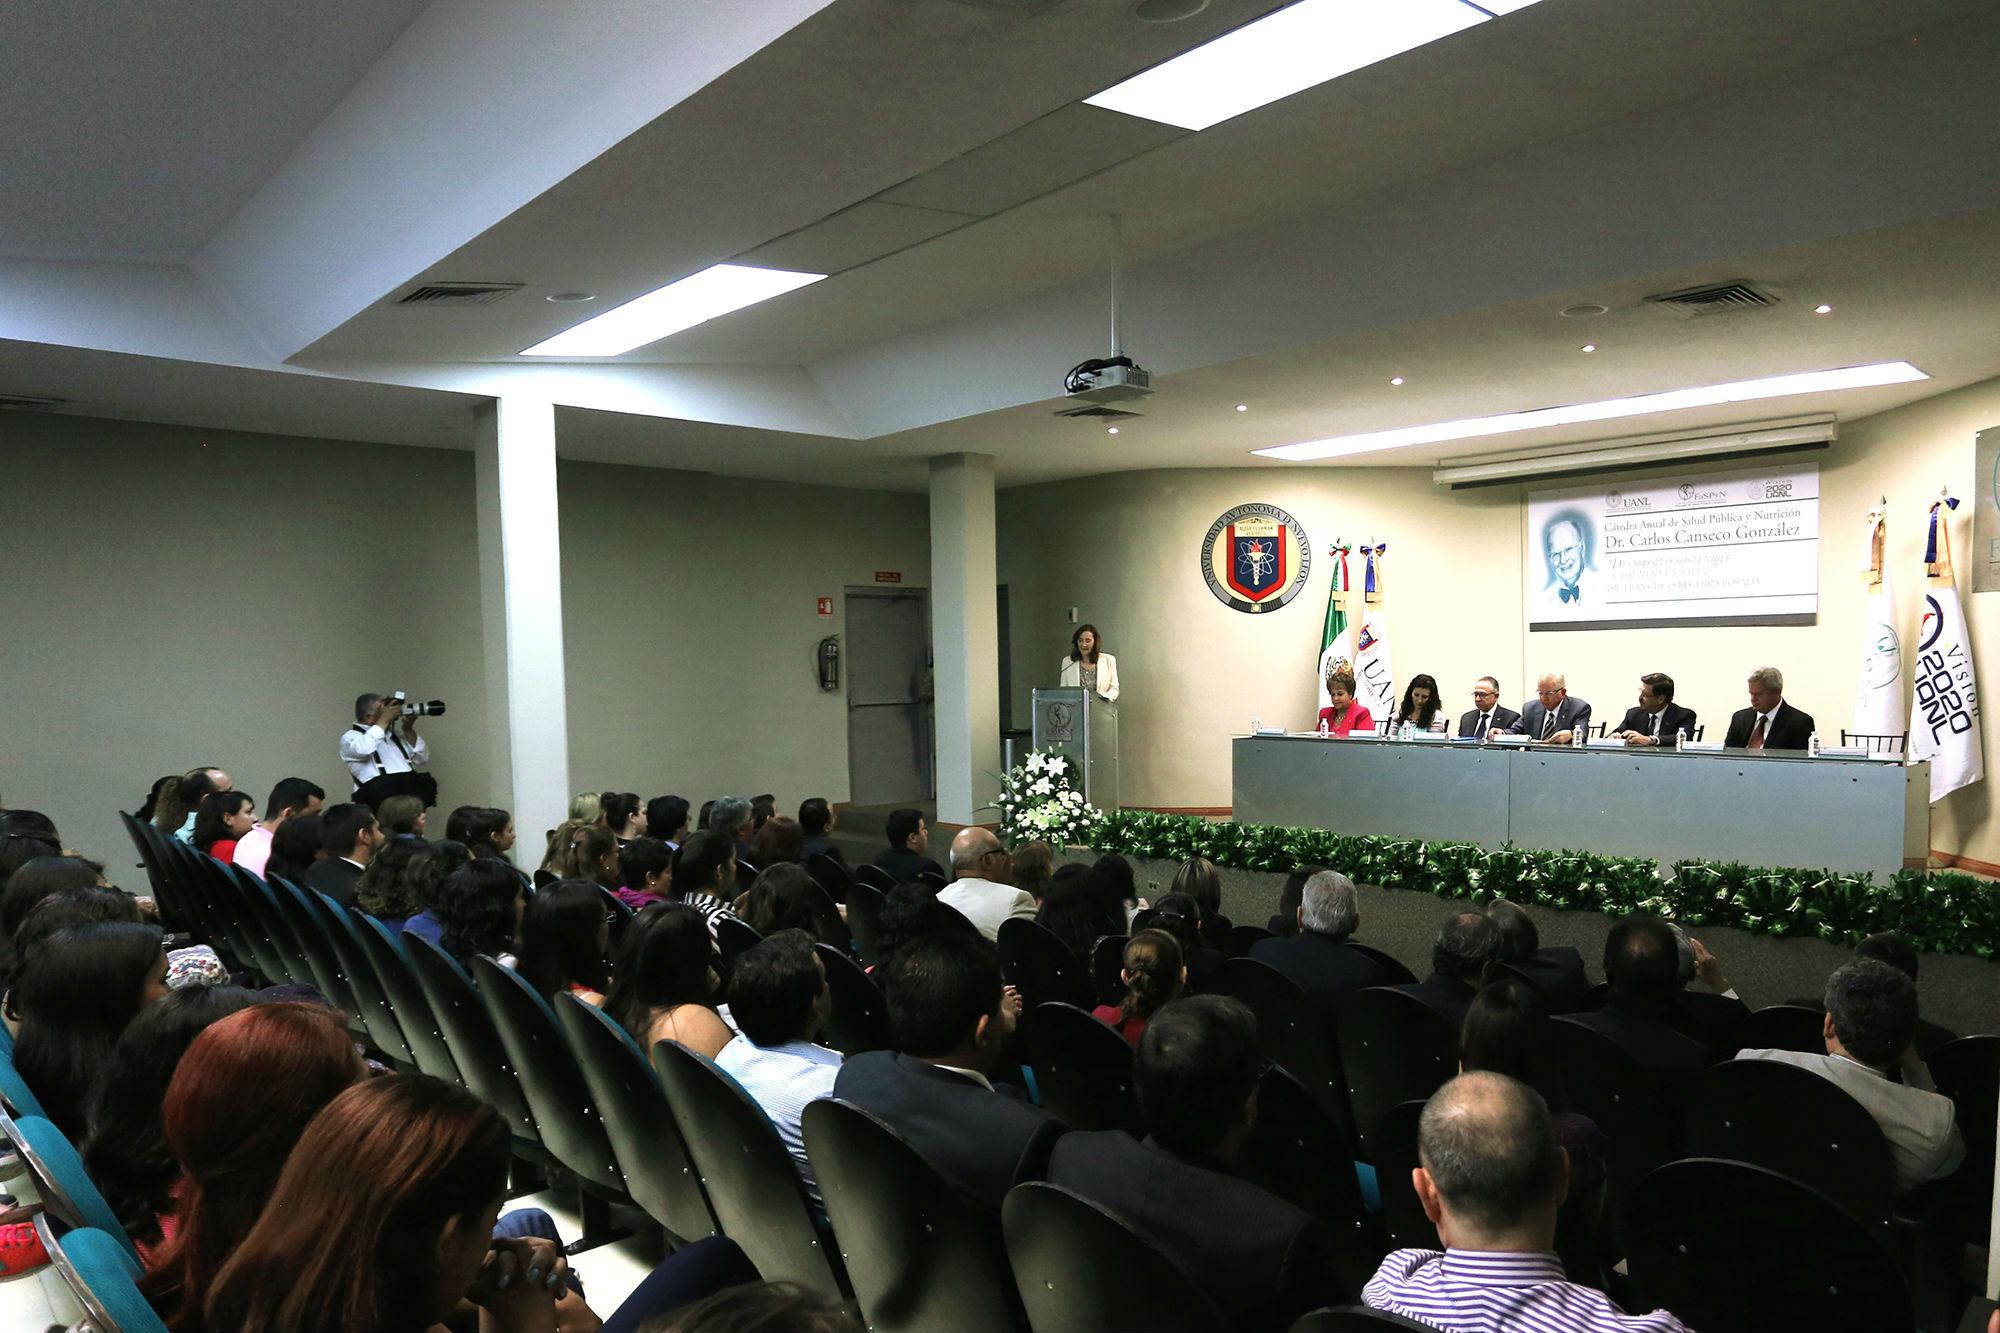 La cátedra tuvo lugar en la Facultad de Salud Pública y Nutrición